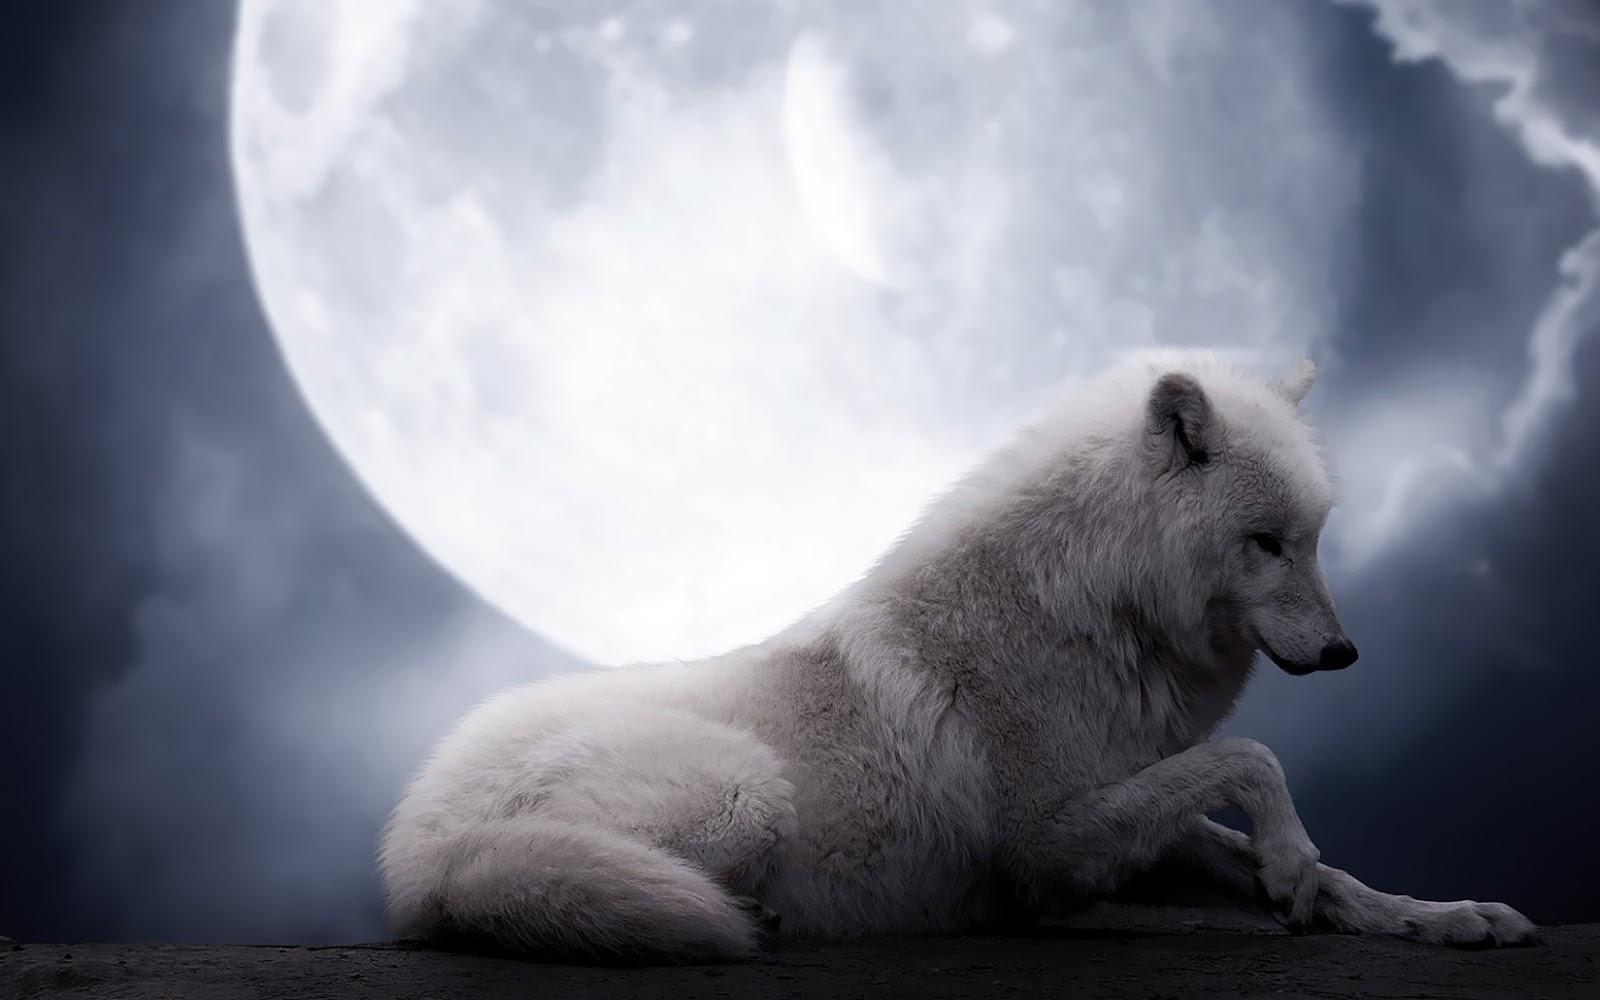 http://1.bp.blogspot.com/-YBHX3UuakDI/URYZSRc3hQI/AAAAAAAAMp0/BSzmSYL8JZA/s1600/wallpaper-van-een-witte-wolf-met-volle-maan.jpg